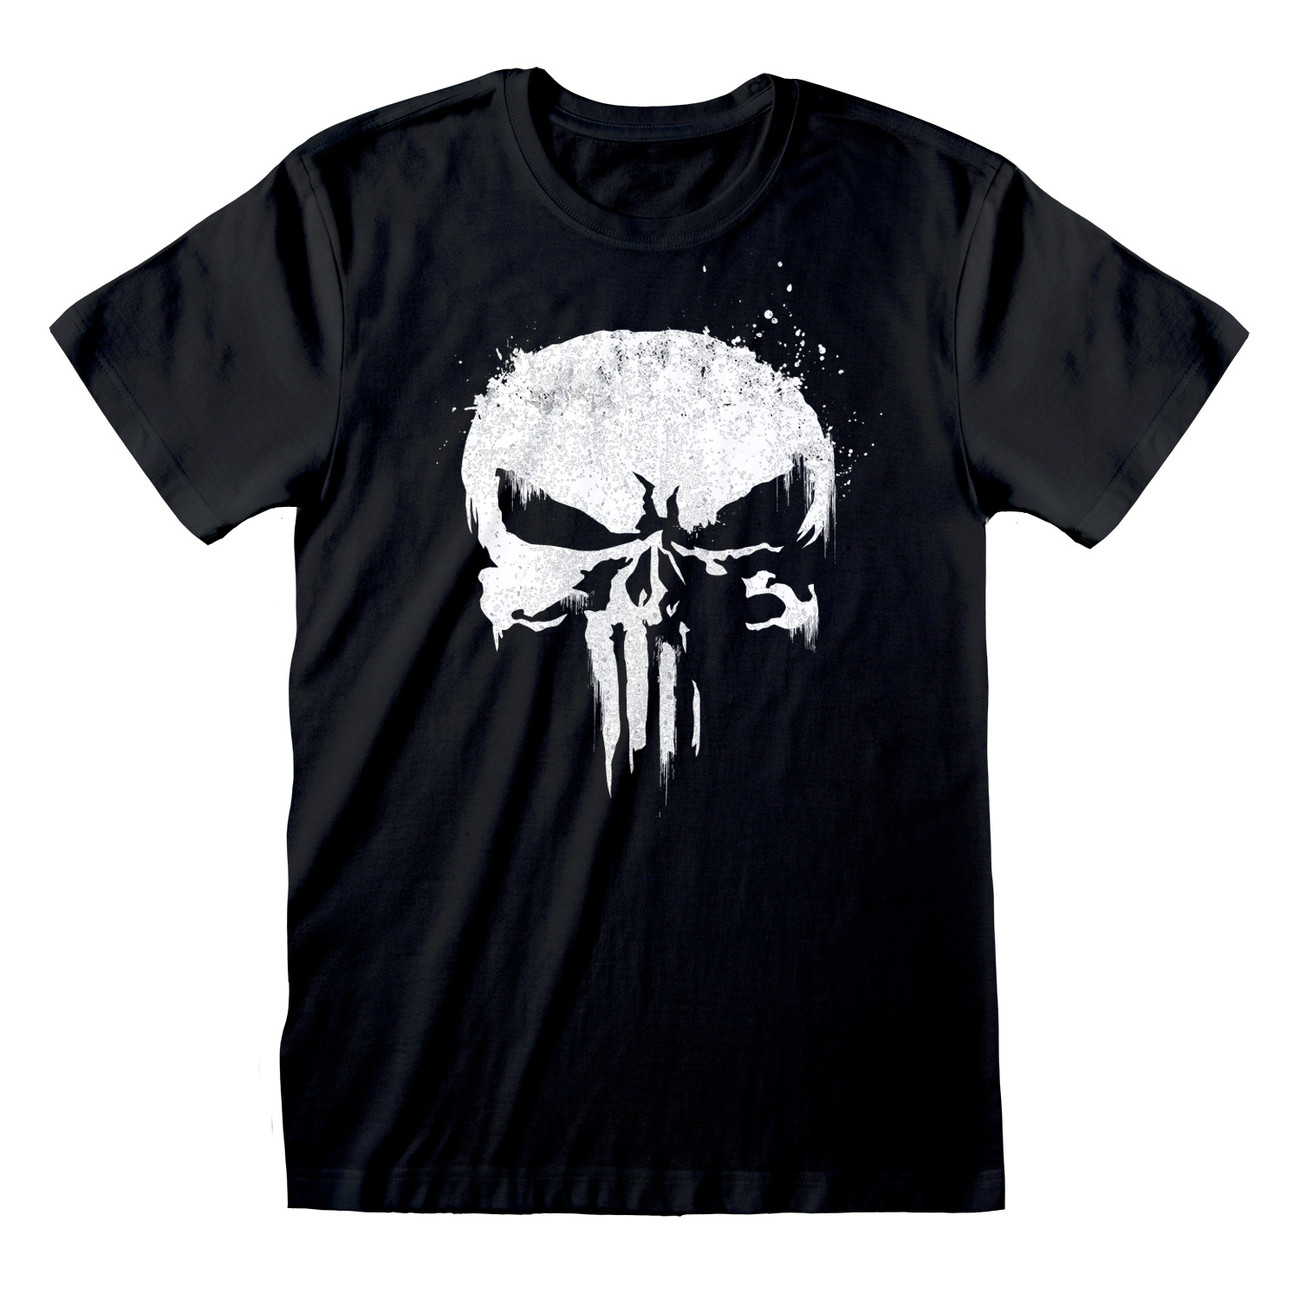 Punisher Logo Skjorte | Kjøp hos Europosters.no